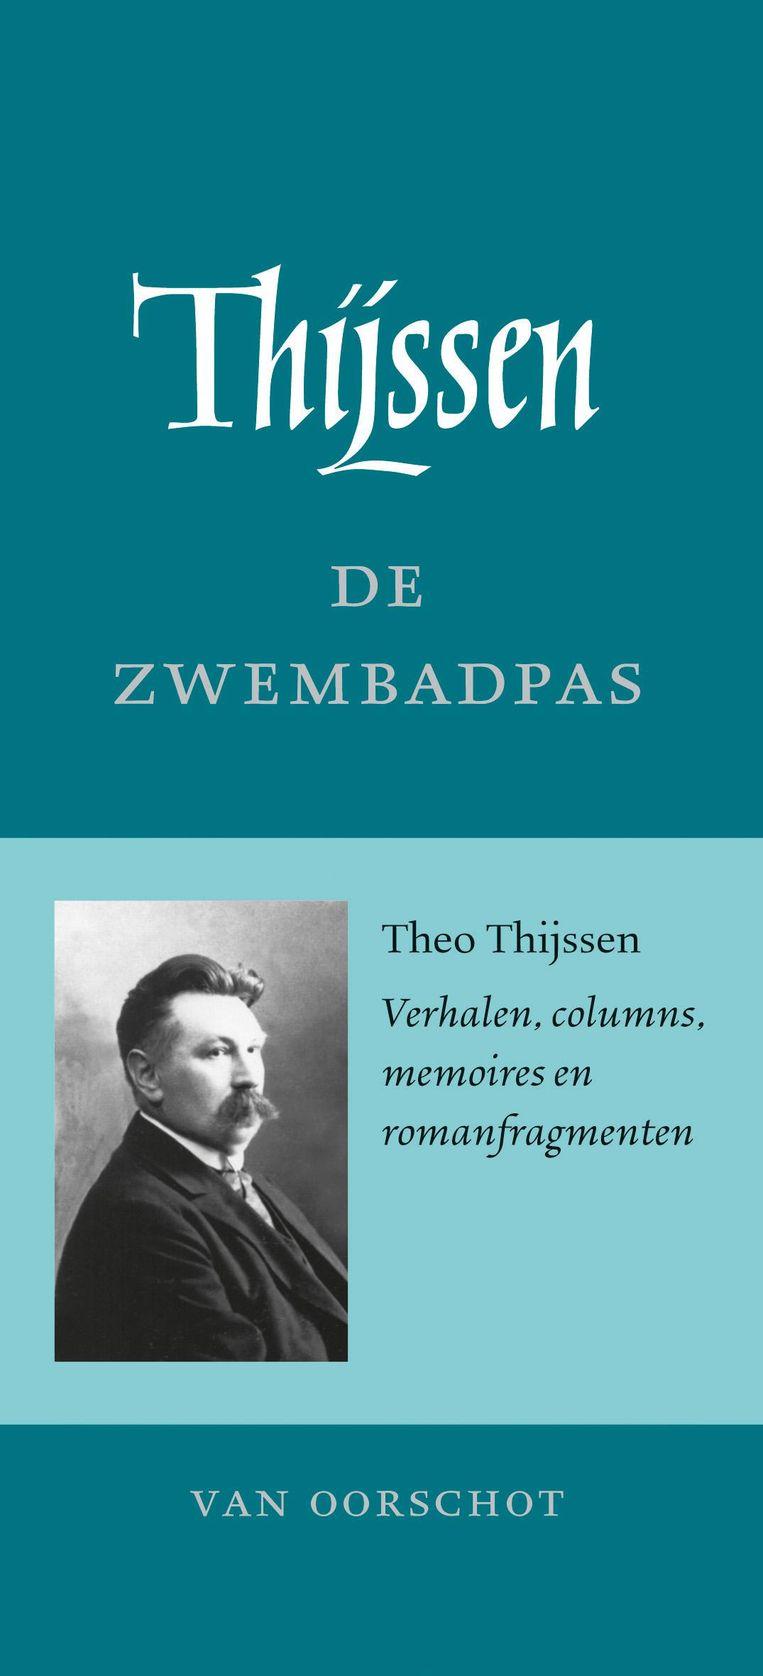 Theo Thijssen, De Zwembadpas. Uitgeverij Van Oorschot, €24,99. 282 blz. Beeld -